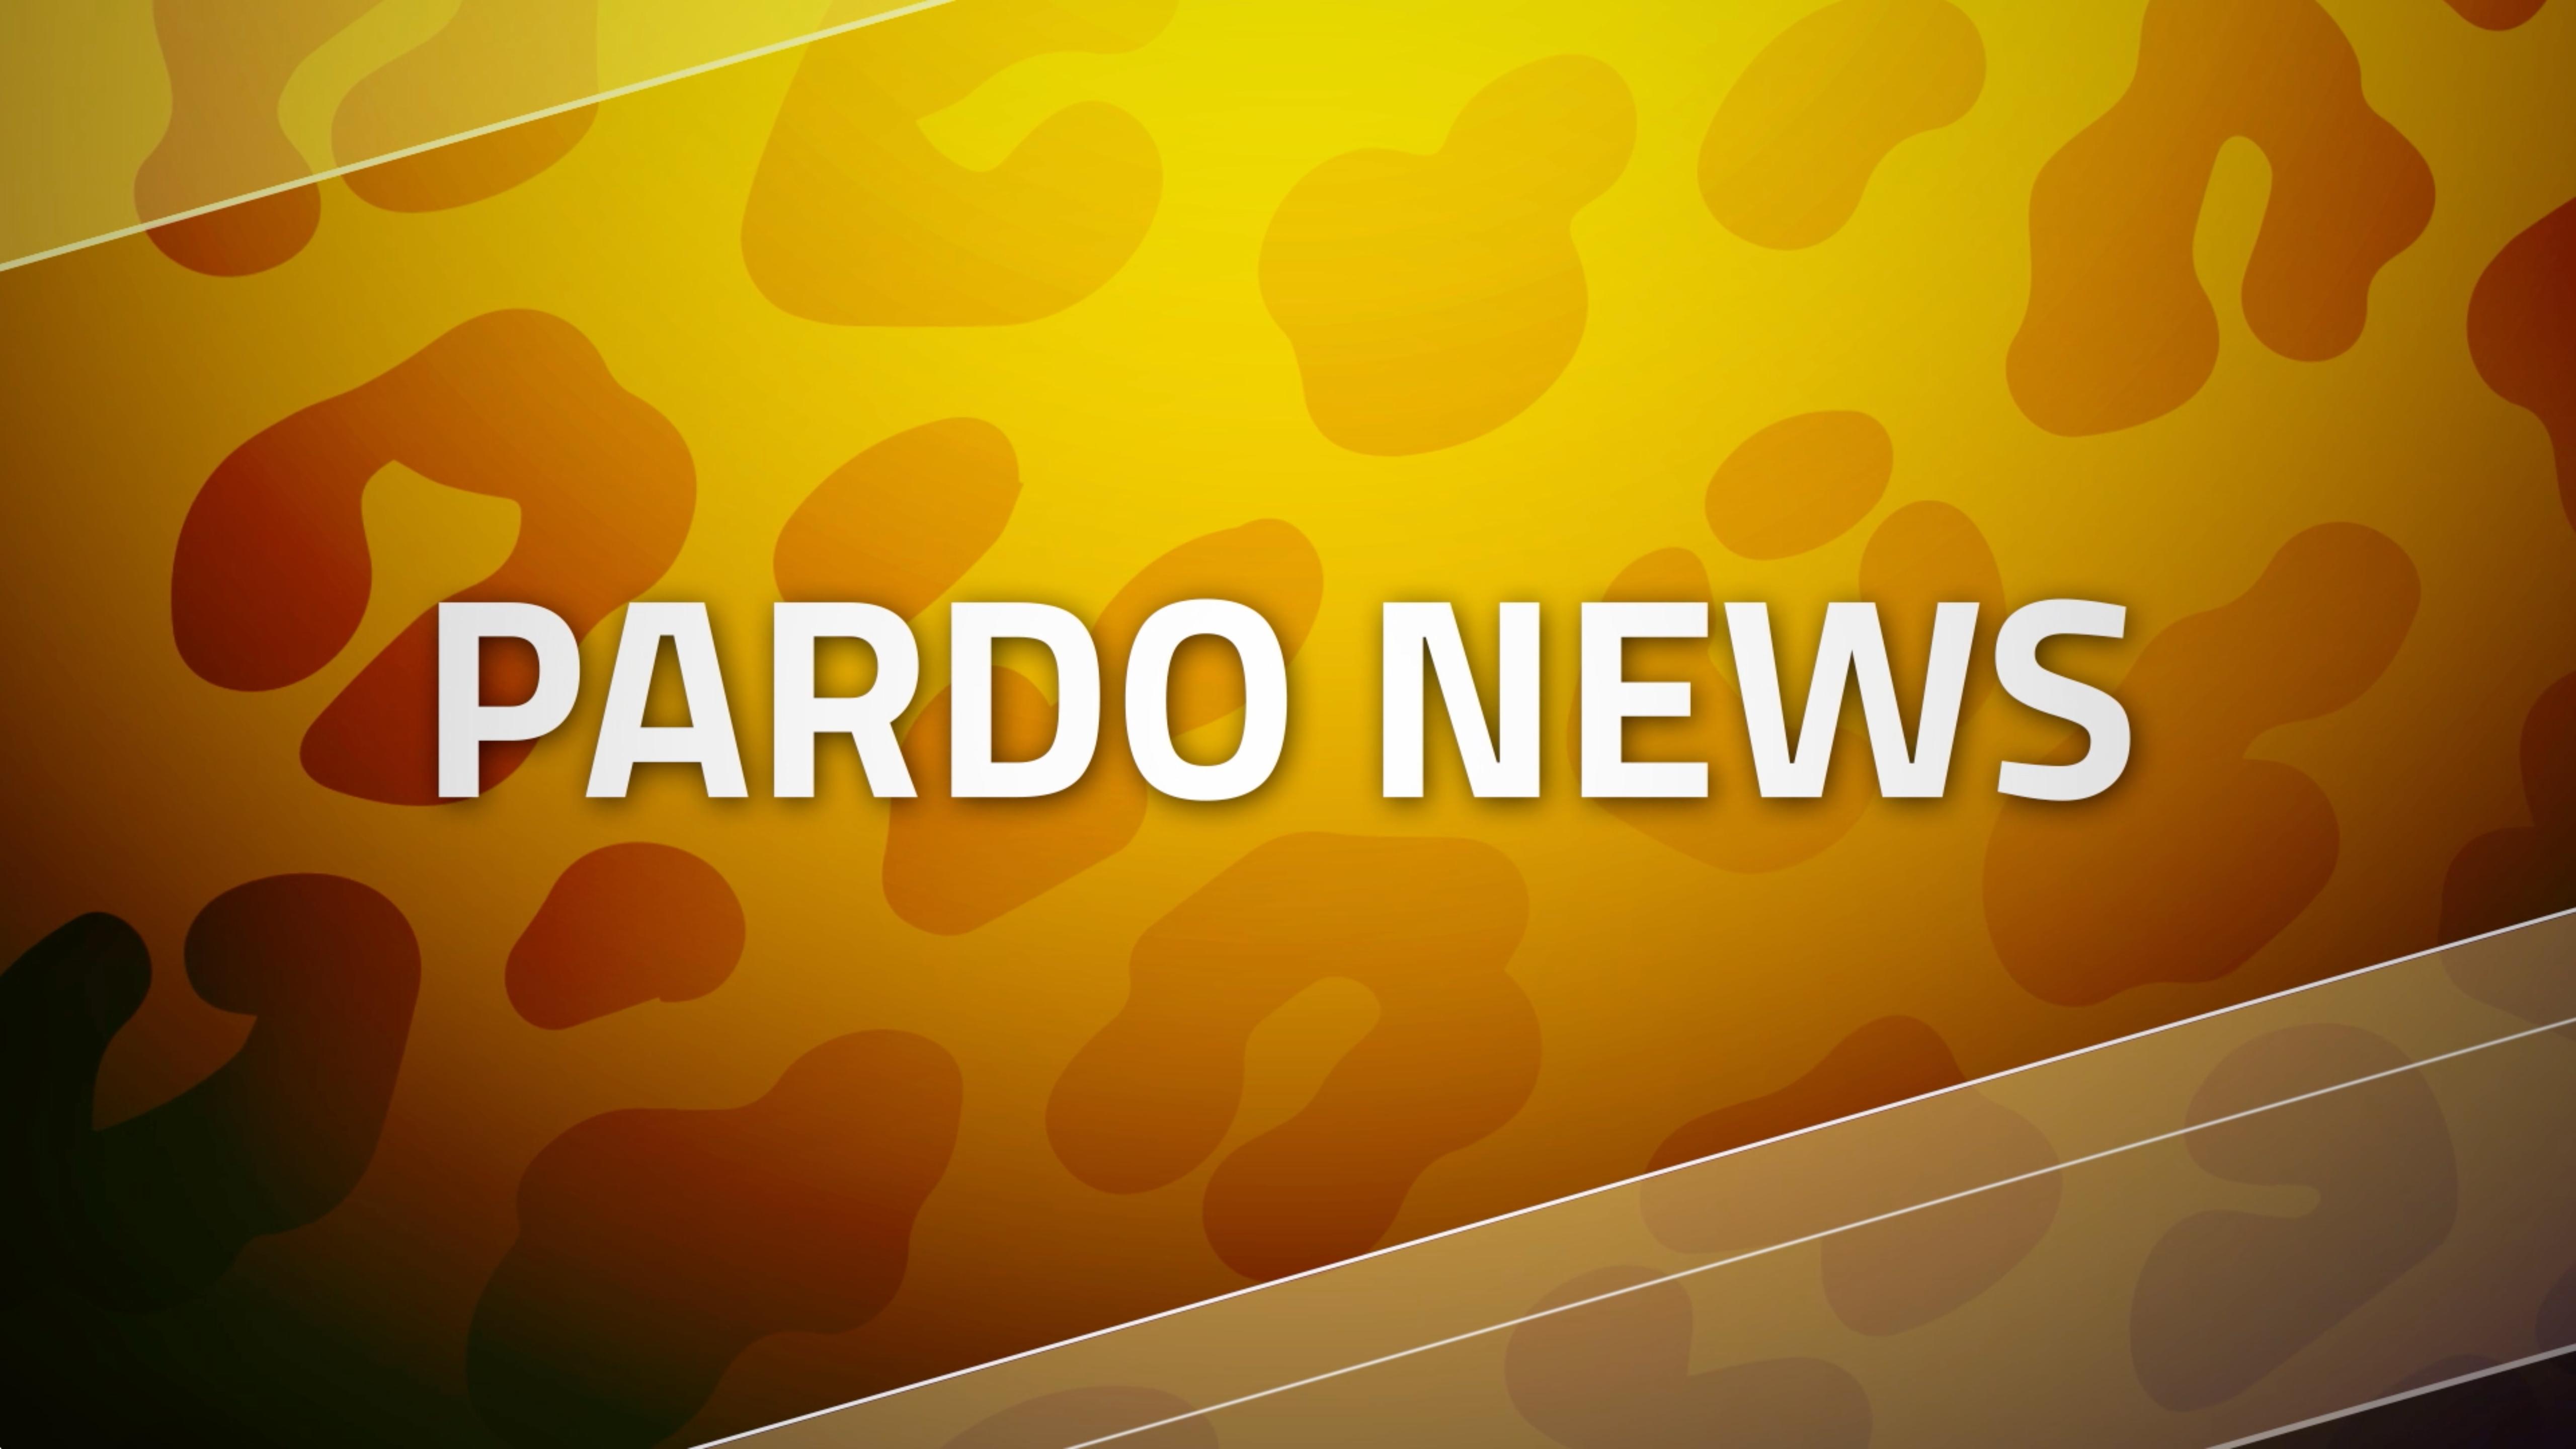 pardo-news